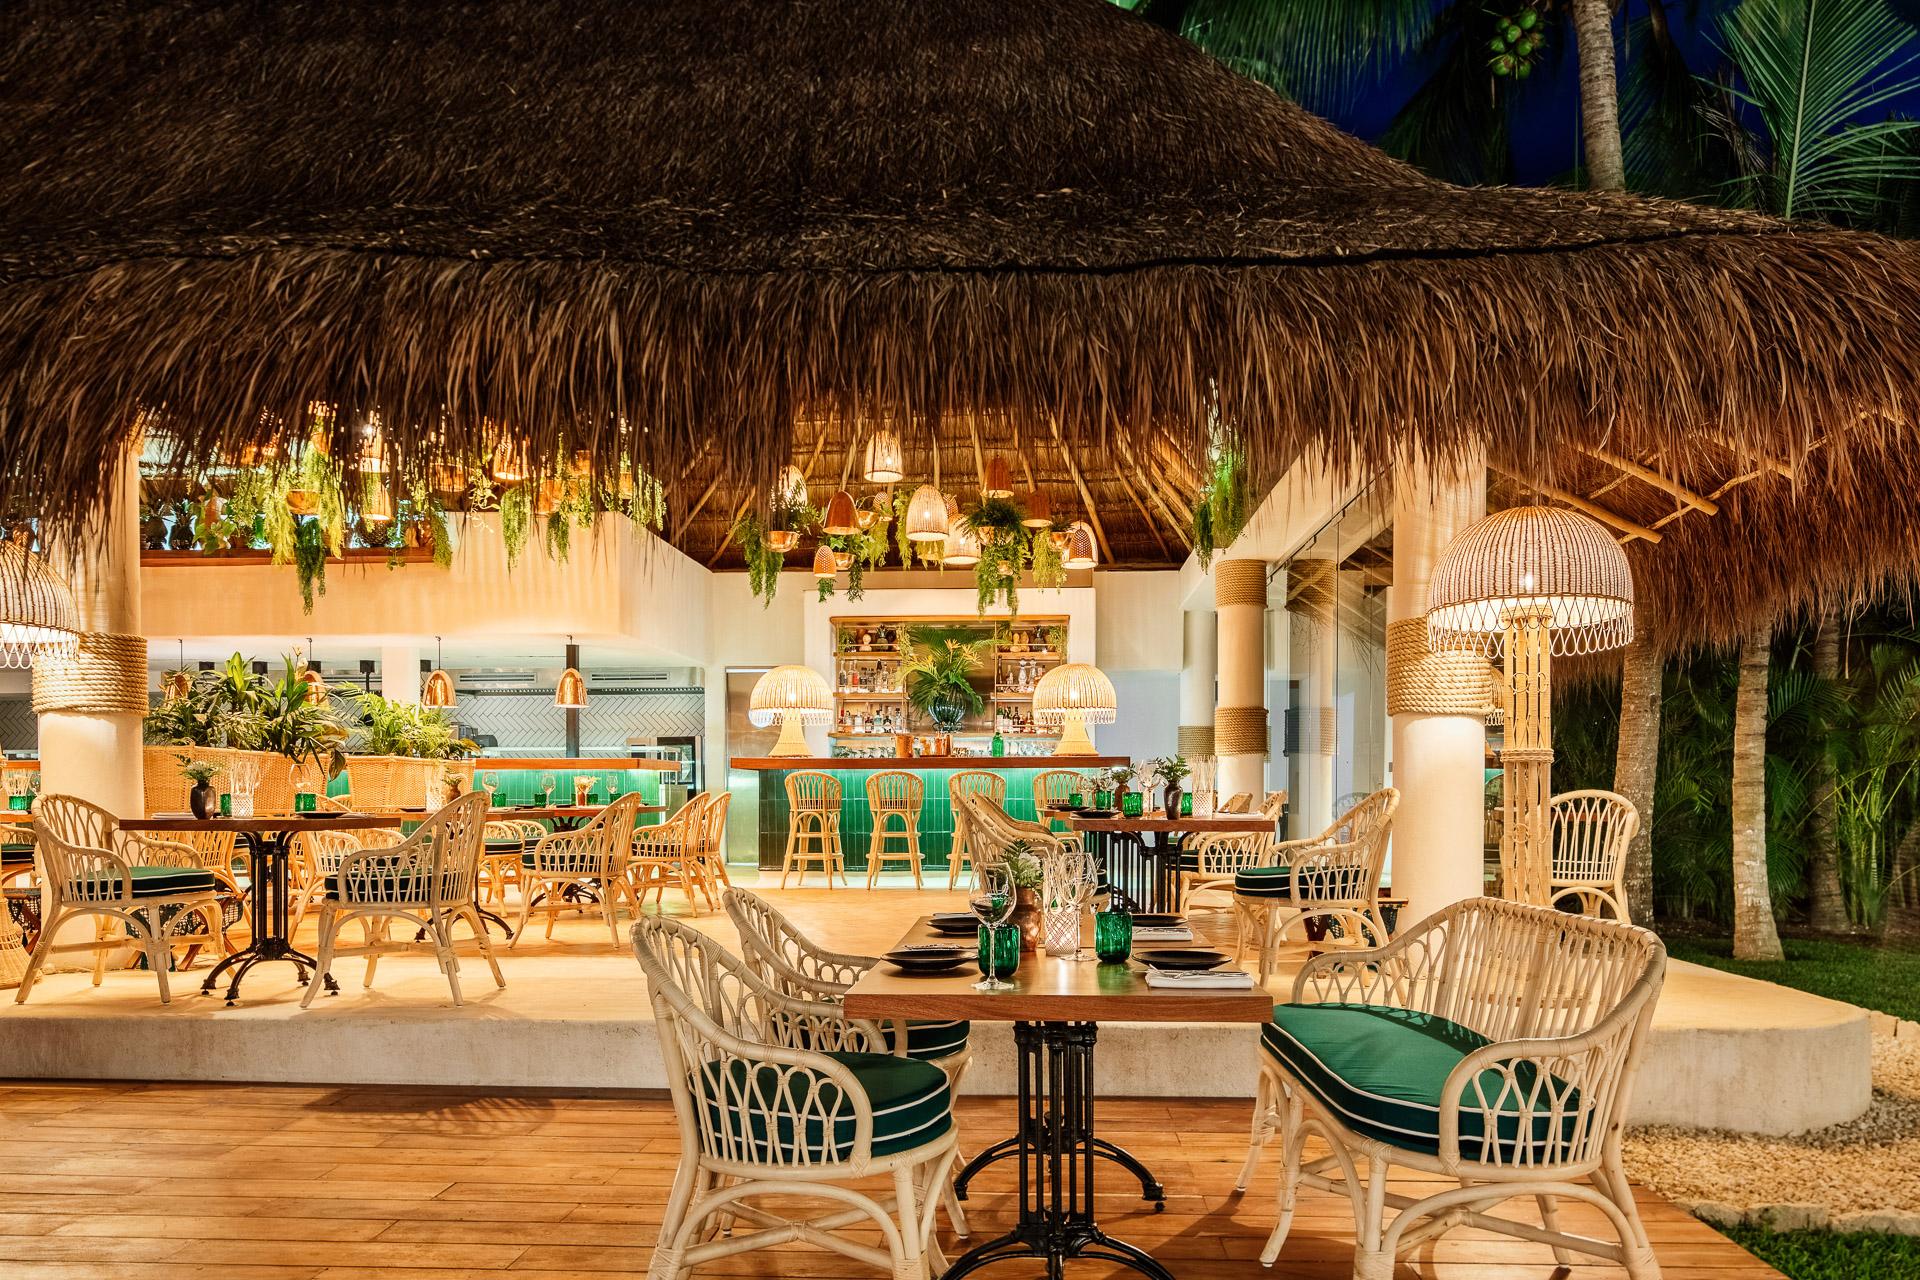 Beefbar tulum - riviera maya, tulum